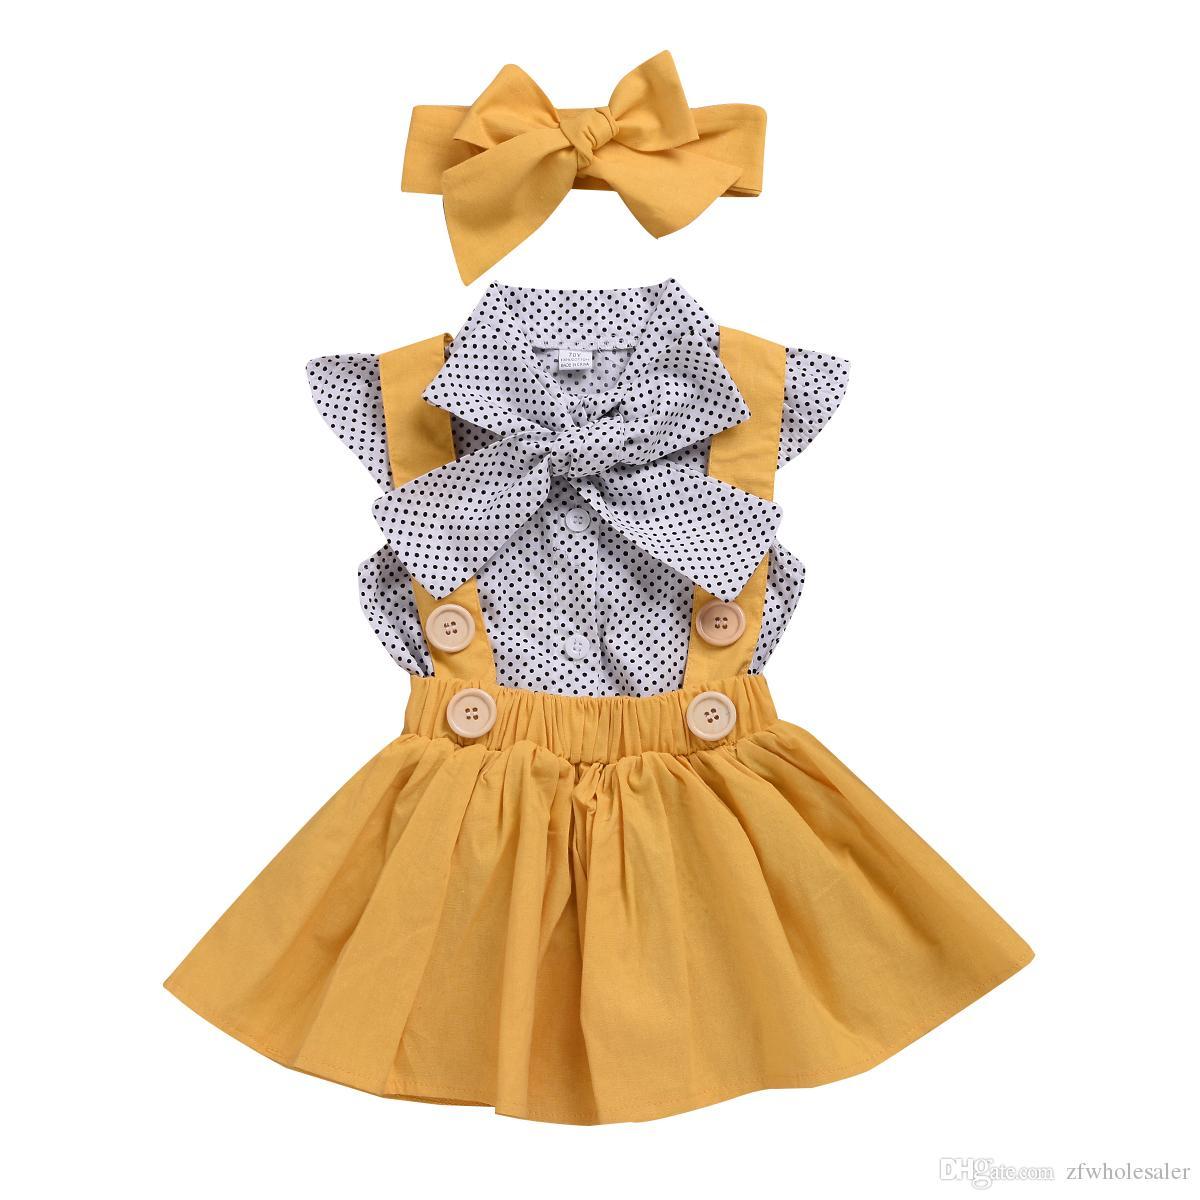 فتاة صغيرة الثياب الرسمية كيد بنات حفل زفاف الطفل فساتين ملابس للبنات ملابس الاطفال فتاة بوتيك